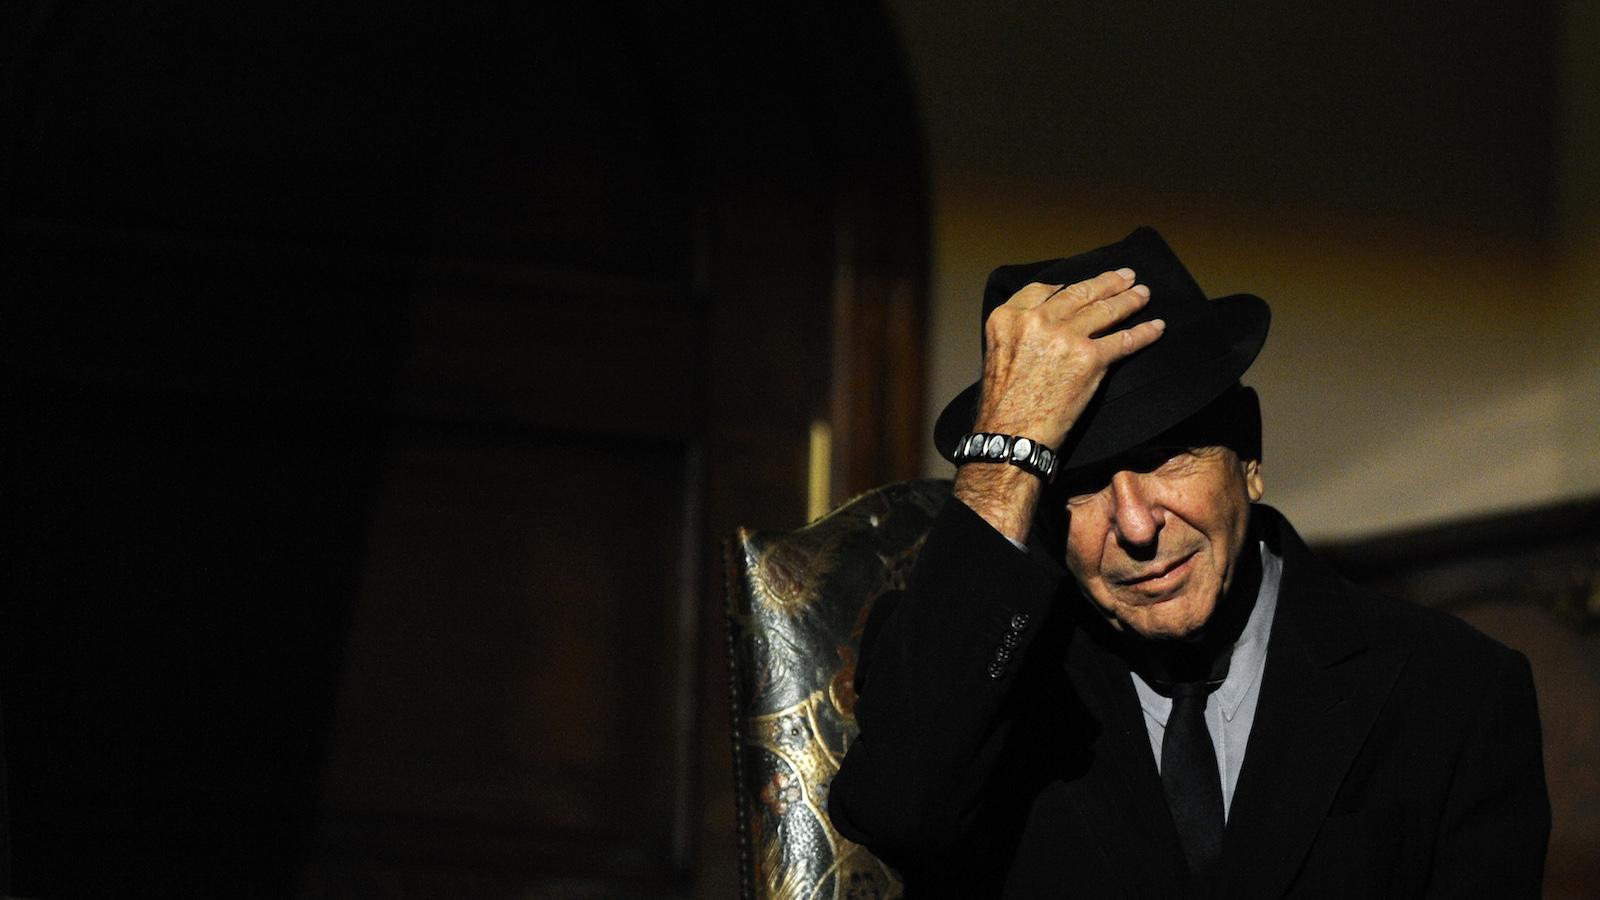 Canadian singer-songwriter Leonard Cohen